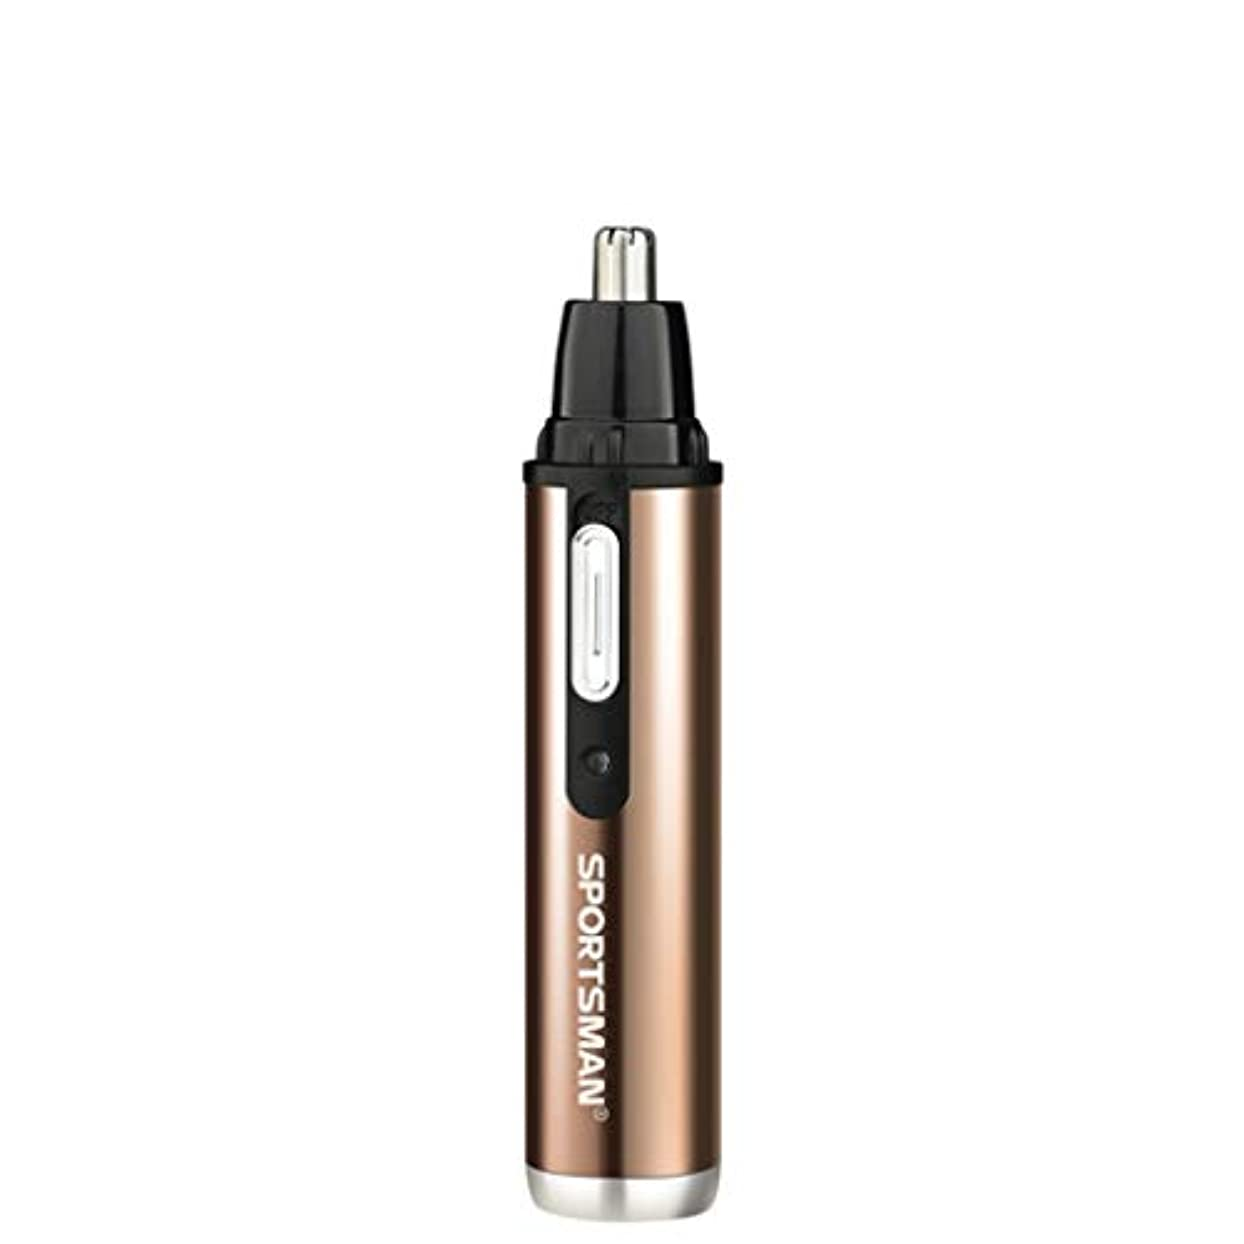 感動する去るアーティファクト電気鼻トリマー、2 In1と髪リムーバー、眉とひげトリマー携帯用電気ひげかみそり、無痛トリマー